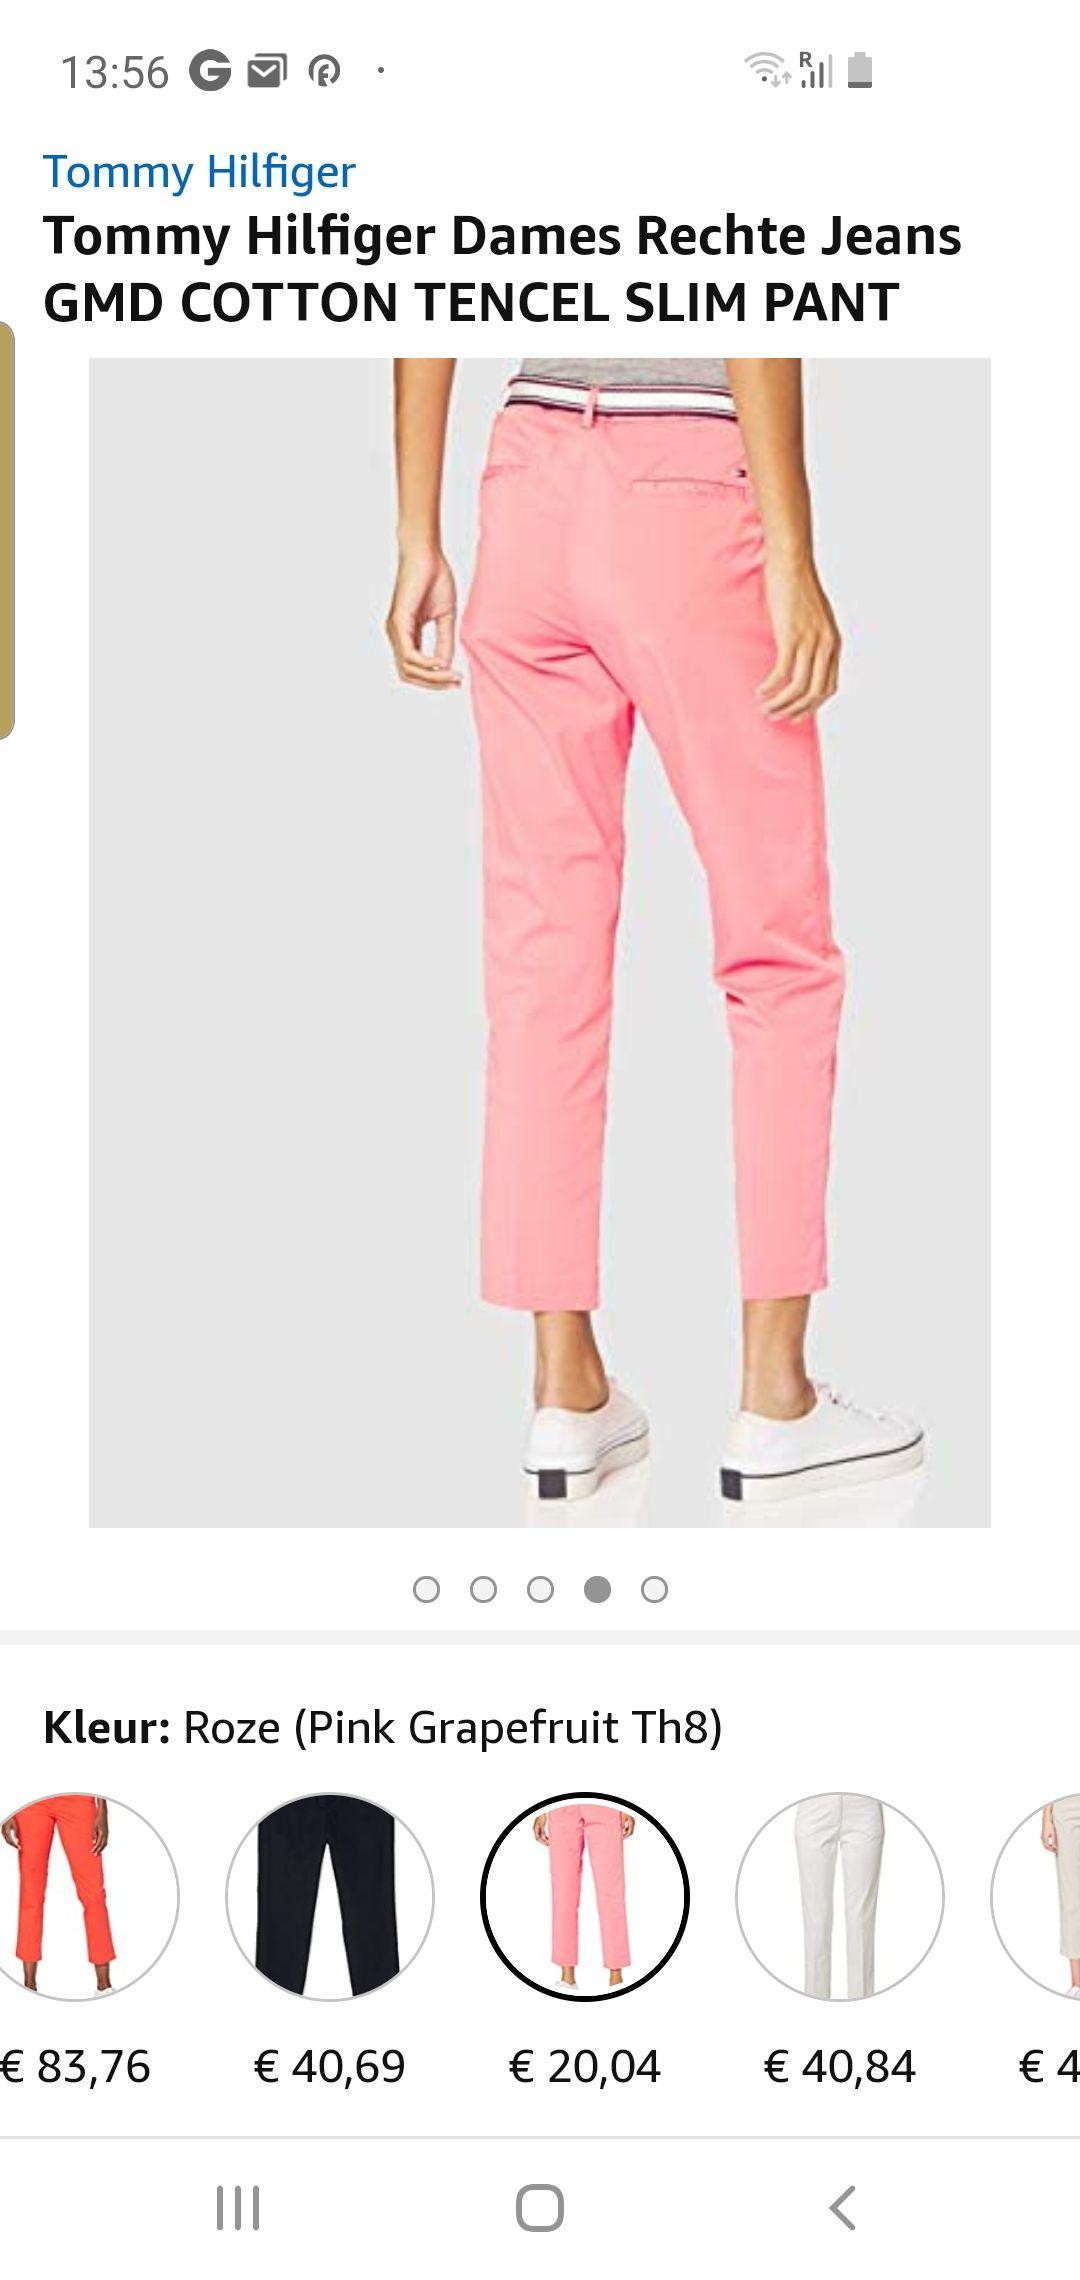 Tommy Hilfiger Dames Rechte Jeans GMD COTTON TENCEL SLIM PANT